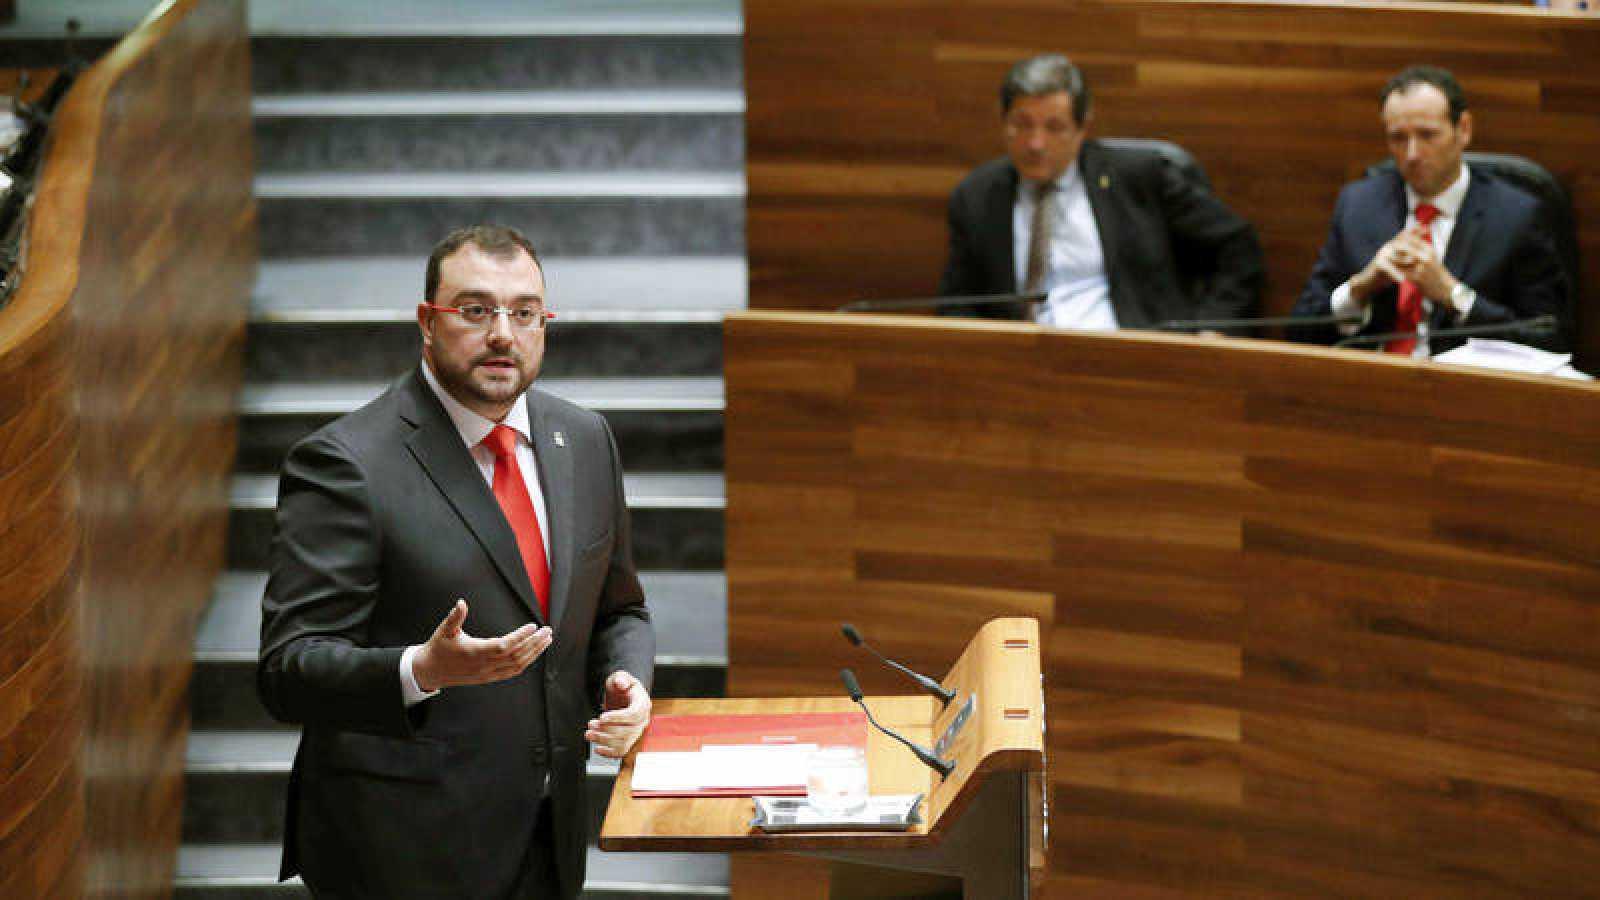 El candidato socialista a la Presidencia del Principado Adrián Barbón durante su intervención en el parlamento asturiano